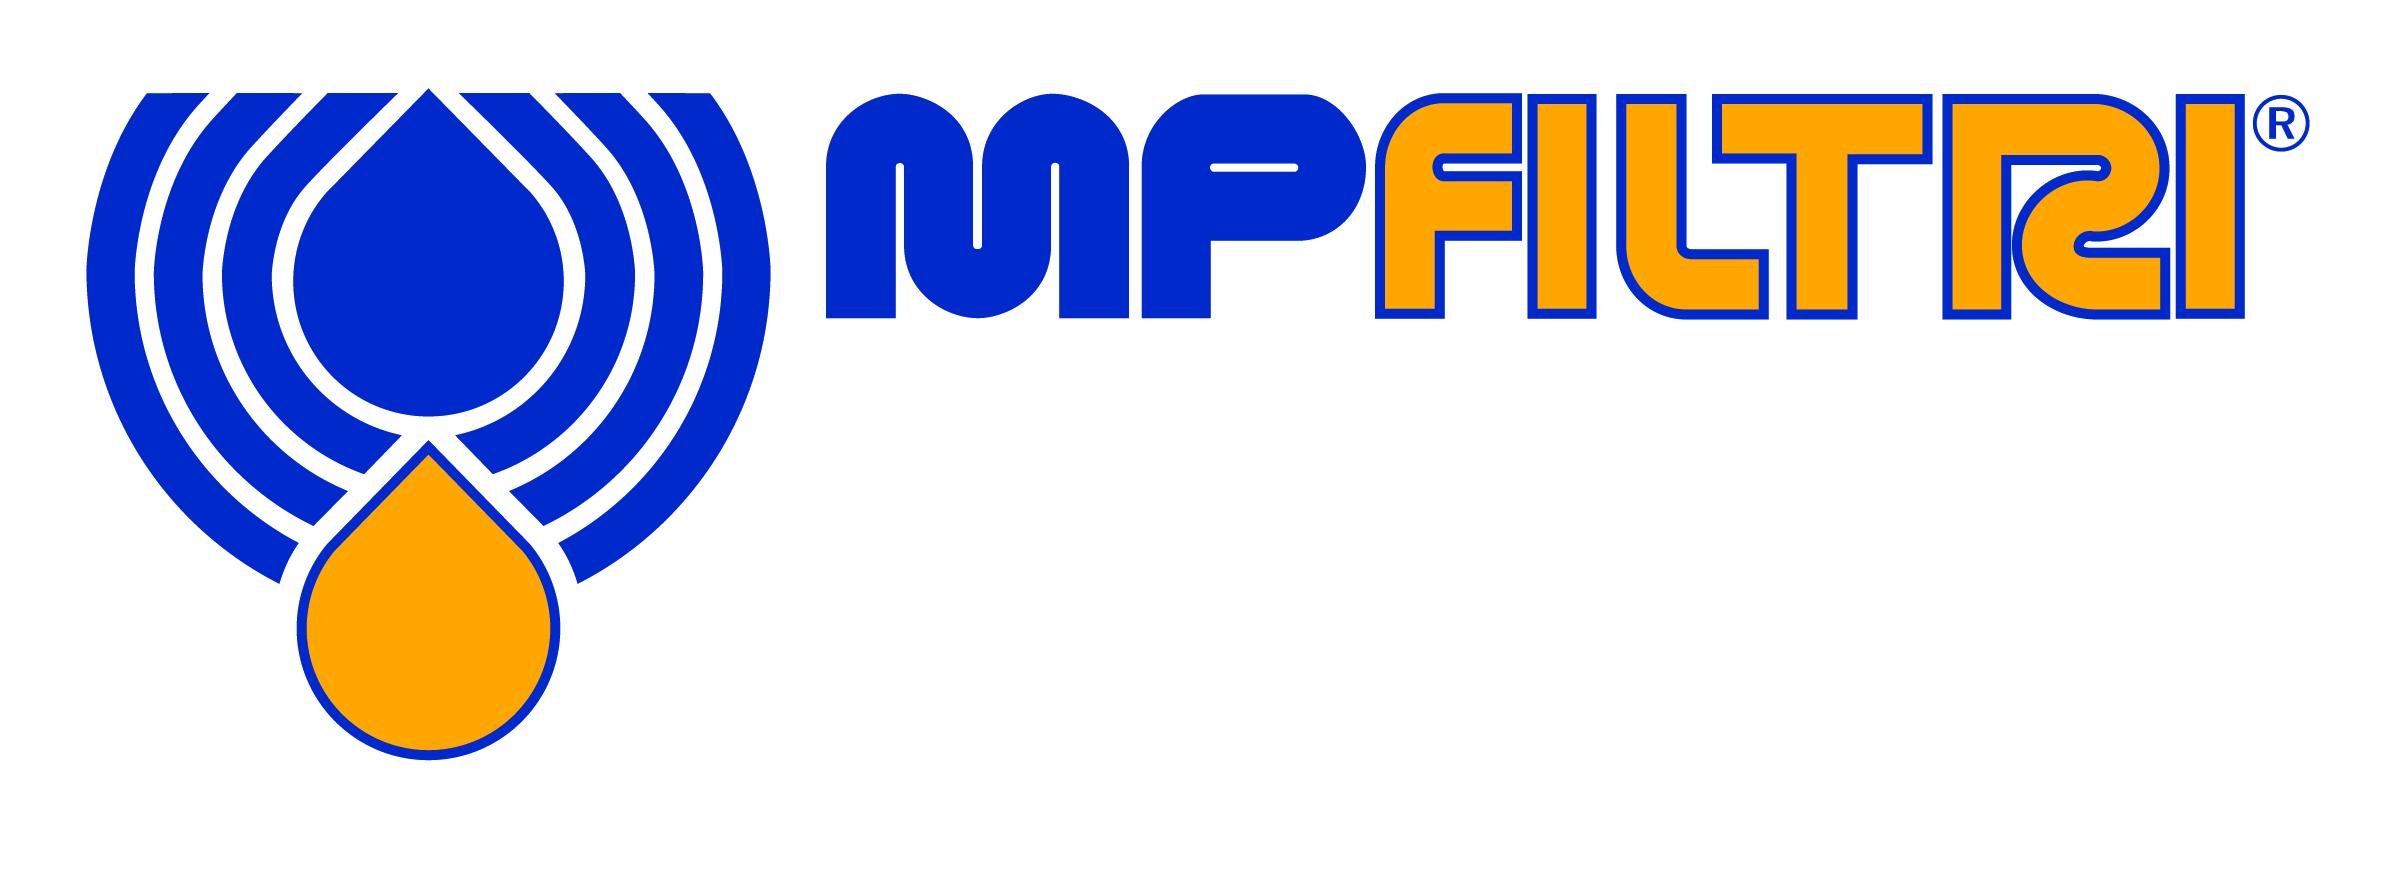 logo mp filtri vendeur de filtres hydrauliques